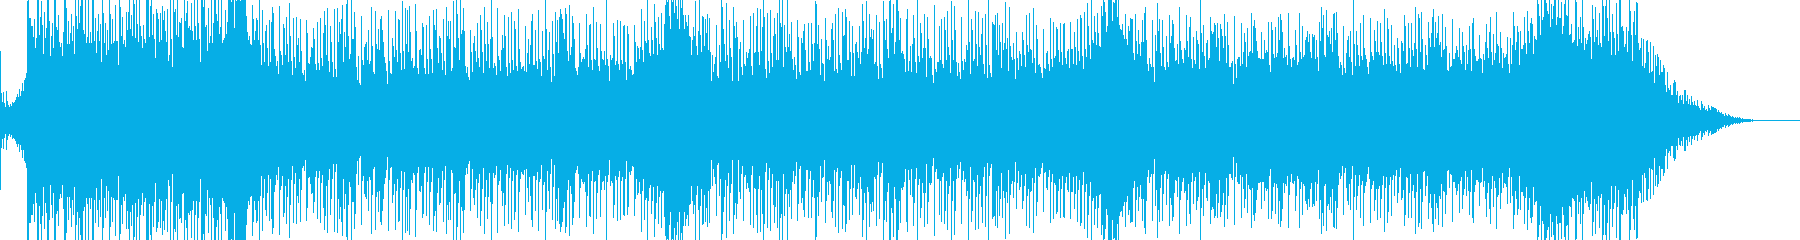 戦闘をイメージして作った曲ですの再生済みの波形